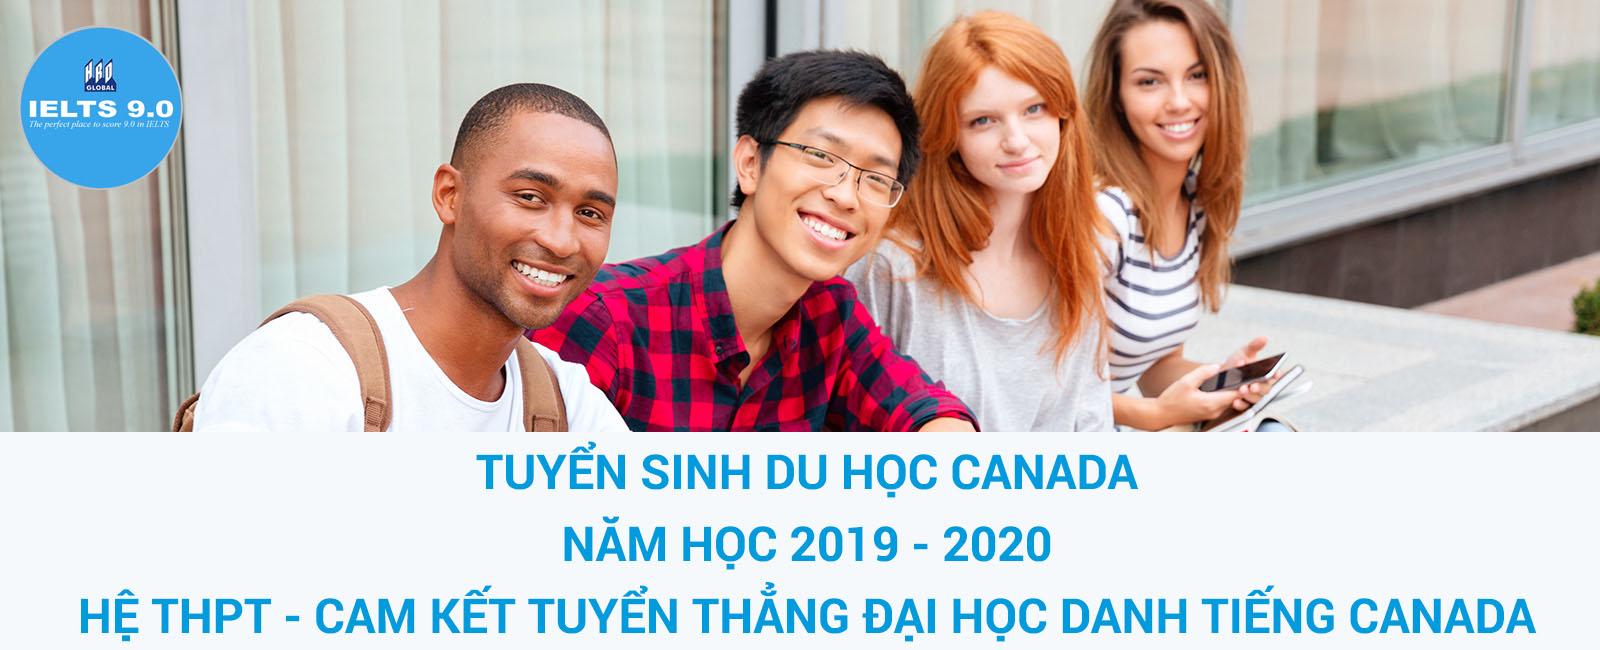 Tuyển sinh du hoc Canada năm học 2019 - 2020 trường THPT UTPA